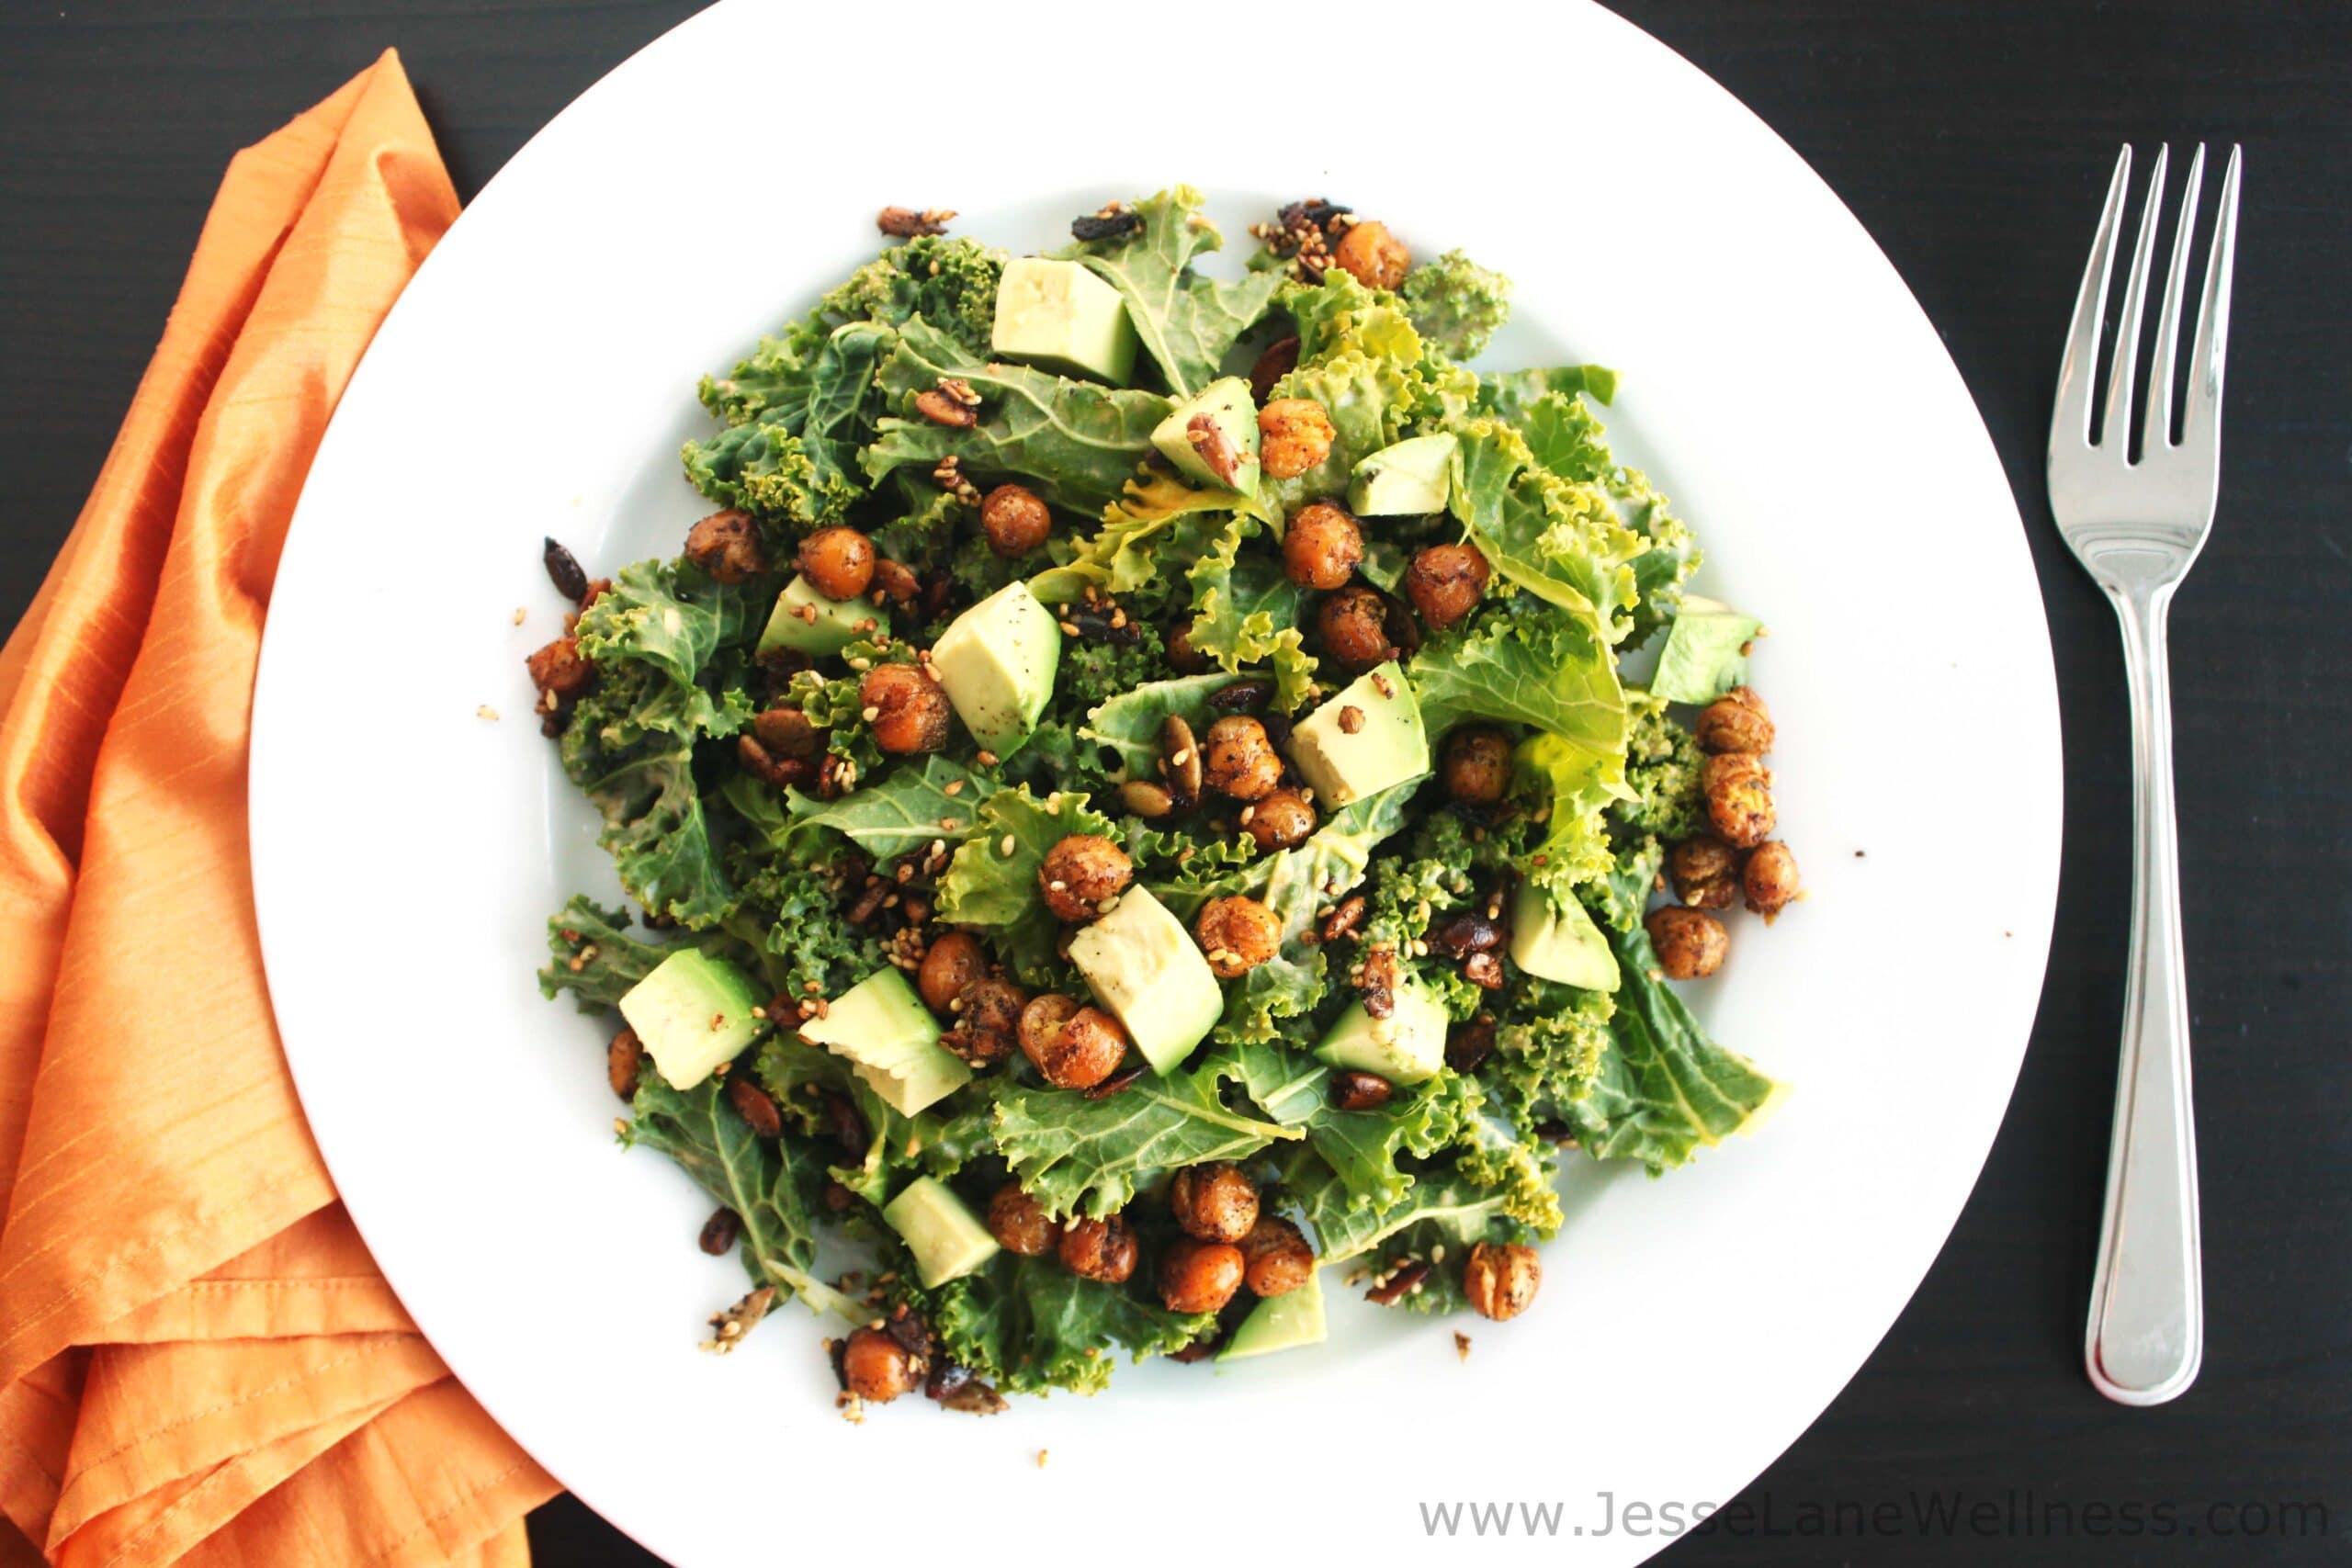 Kale Salad with Crispy Chickpeas by @JesseLWellness #kale